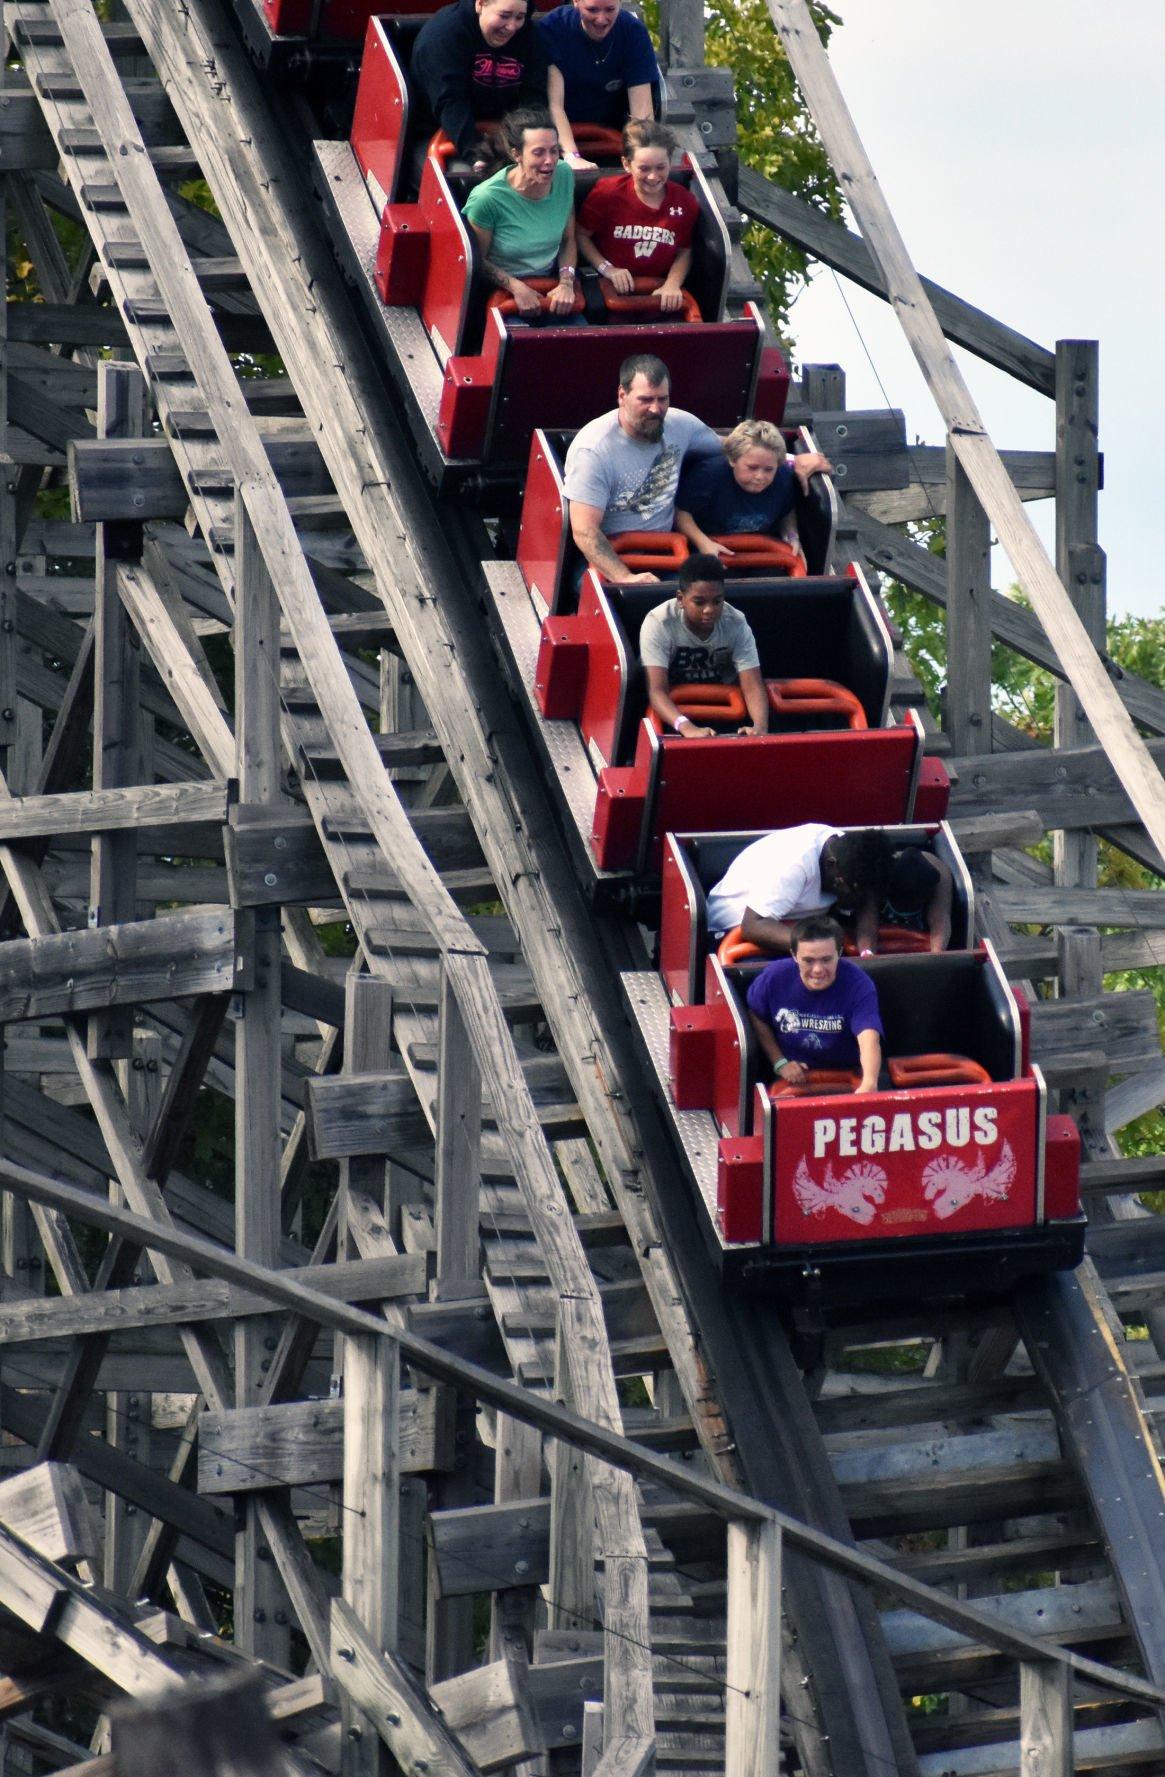 Pegasus coaster at Mt. Olympus